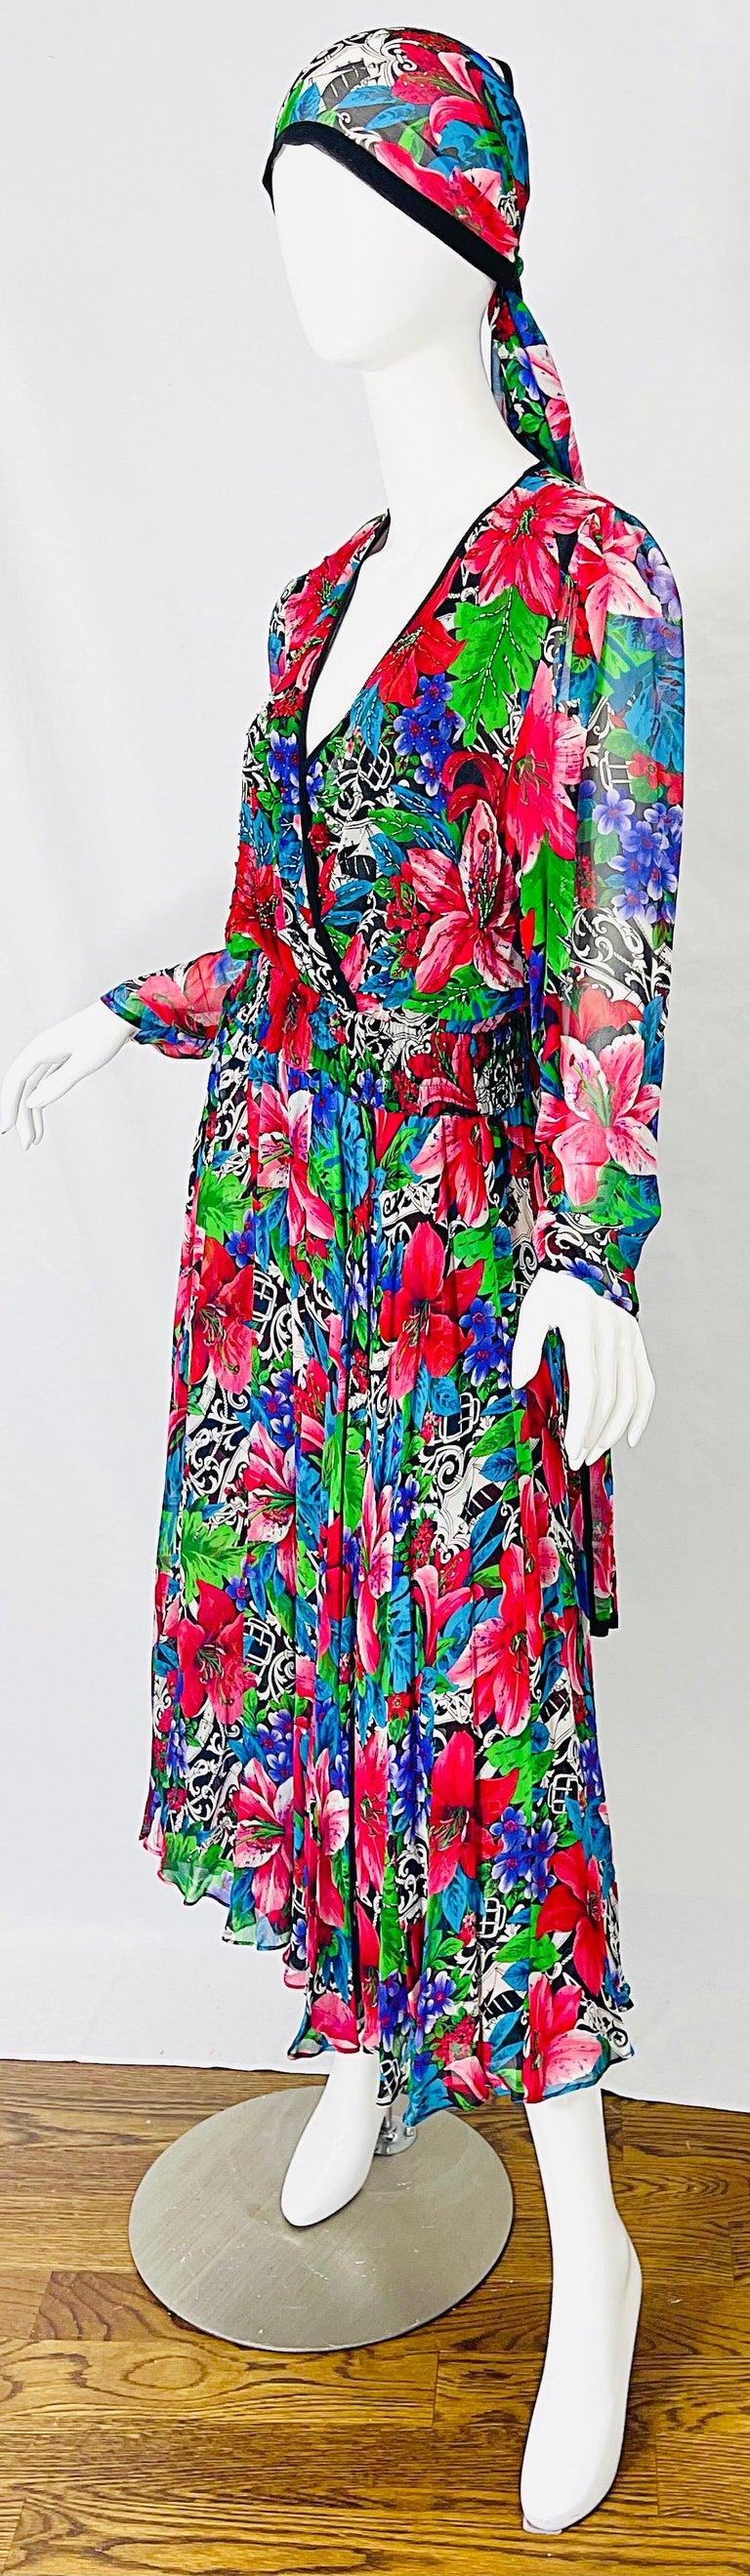 Vintage Diane Freis Silk Chiffon Beaded Tropical Print Midi Dress + Sash For Sale 4